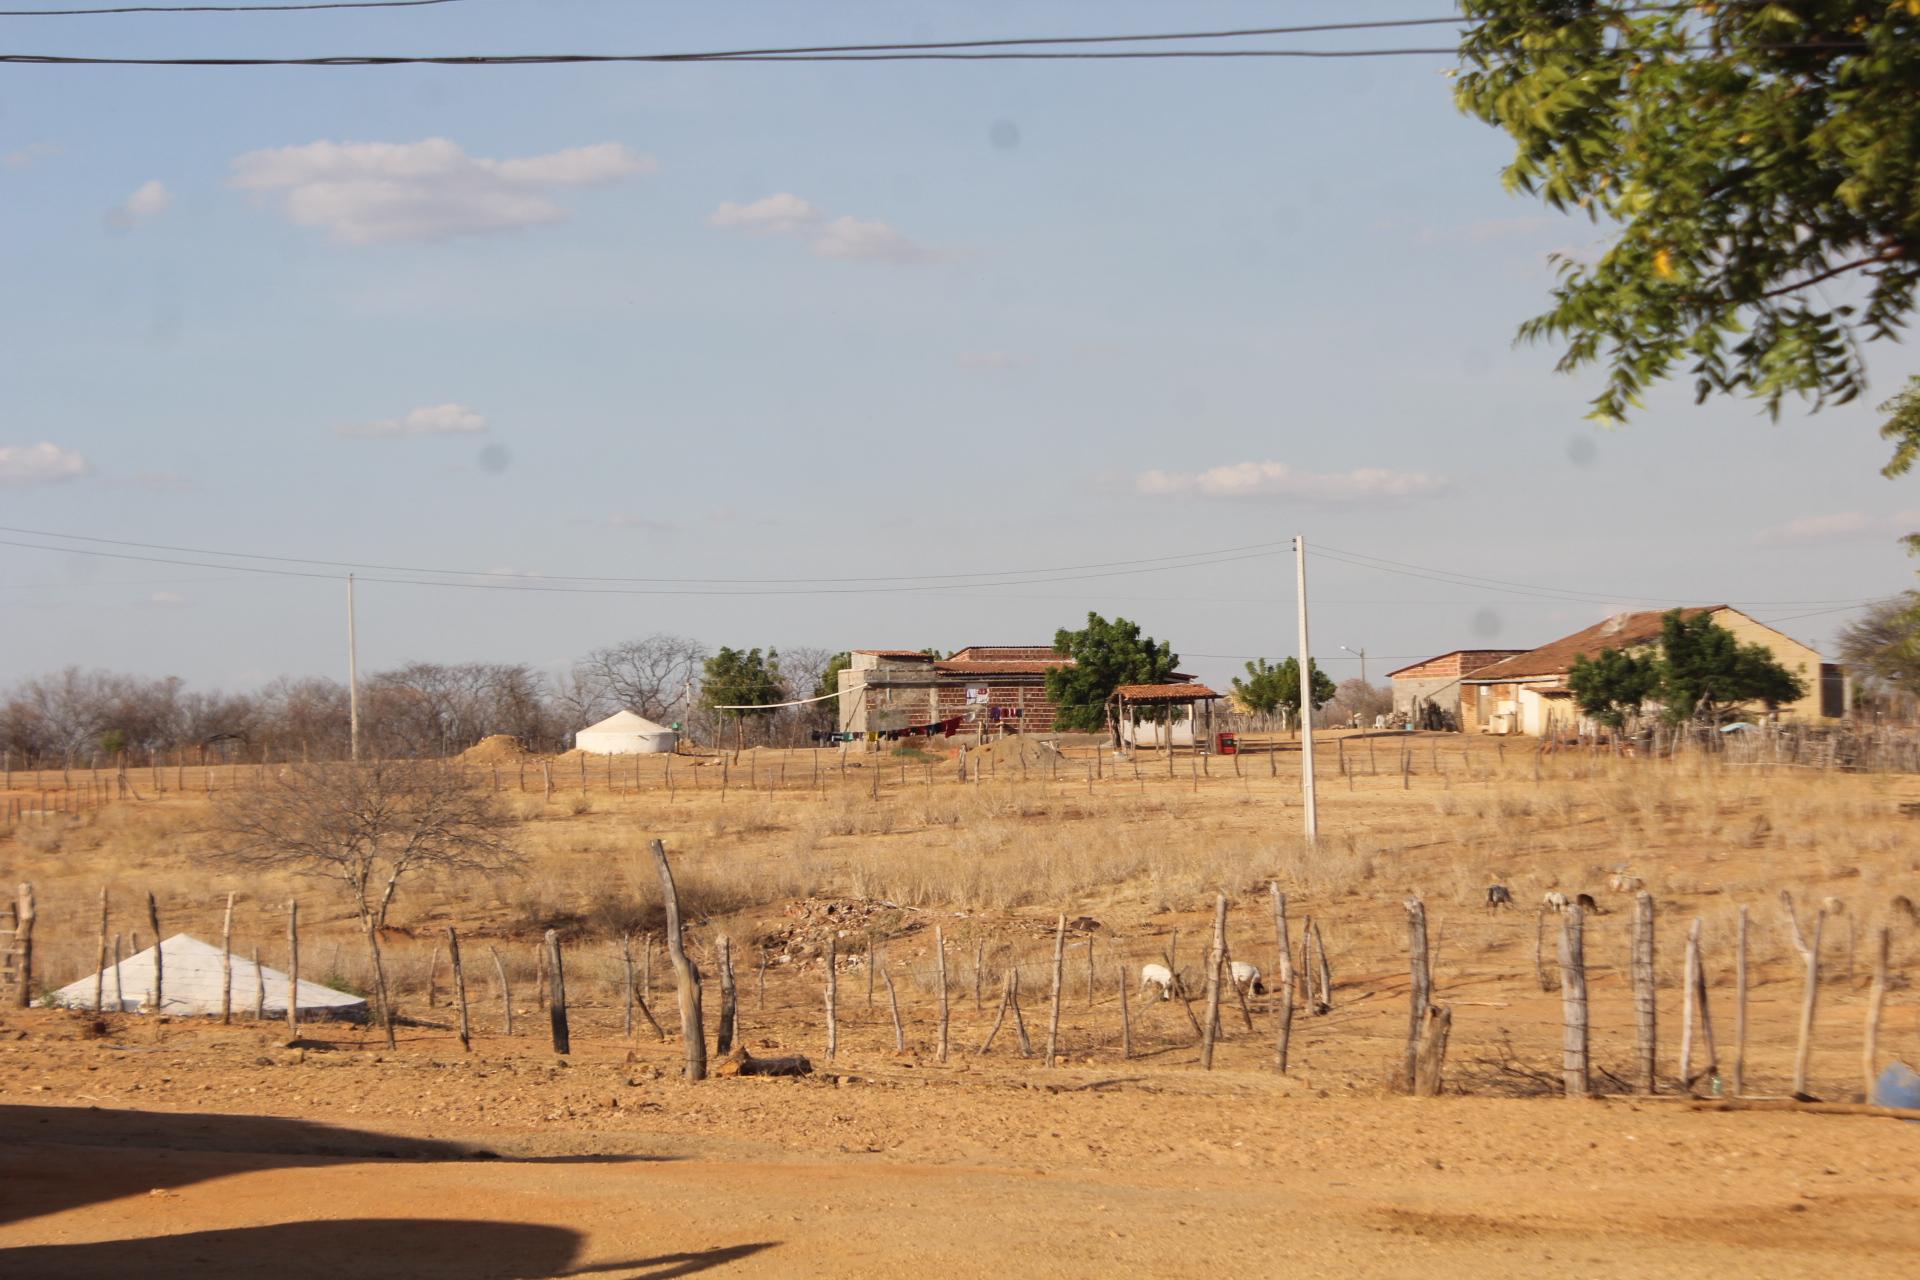 El informe de la Oxfam muestra que, por primera vez en los últimos 15 años, la reducción de la desigualdad de ingreso paró en Brasil. Foto: Hevilla Wanderley/Agência Pública